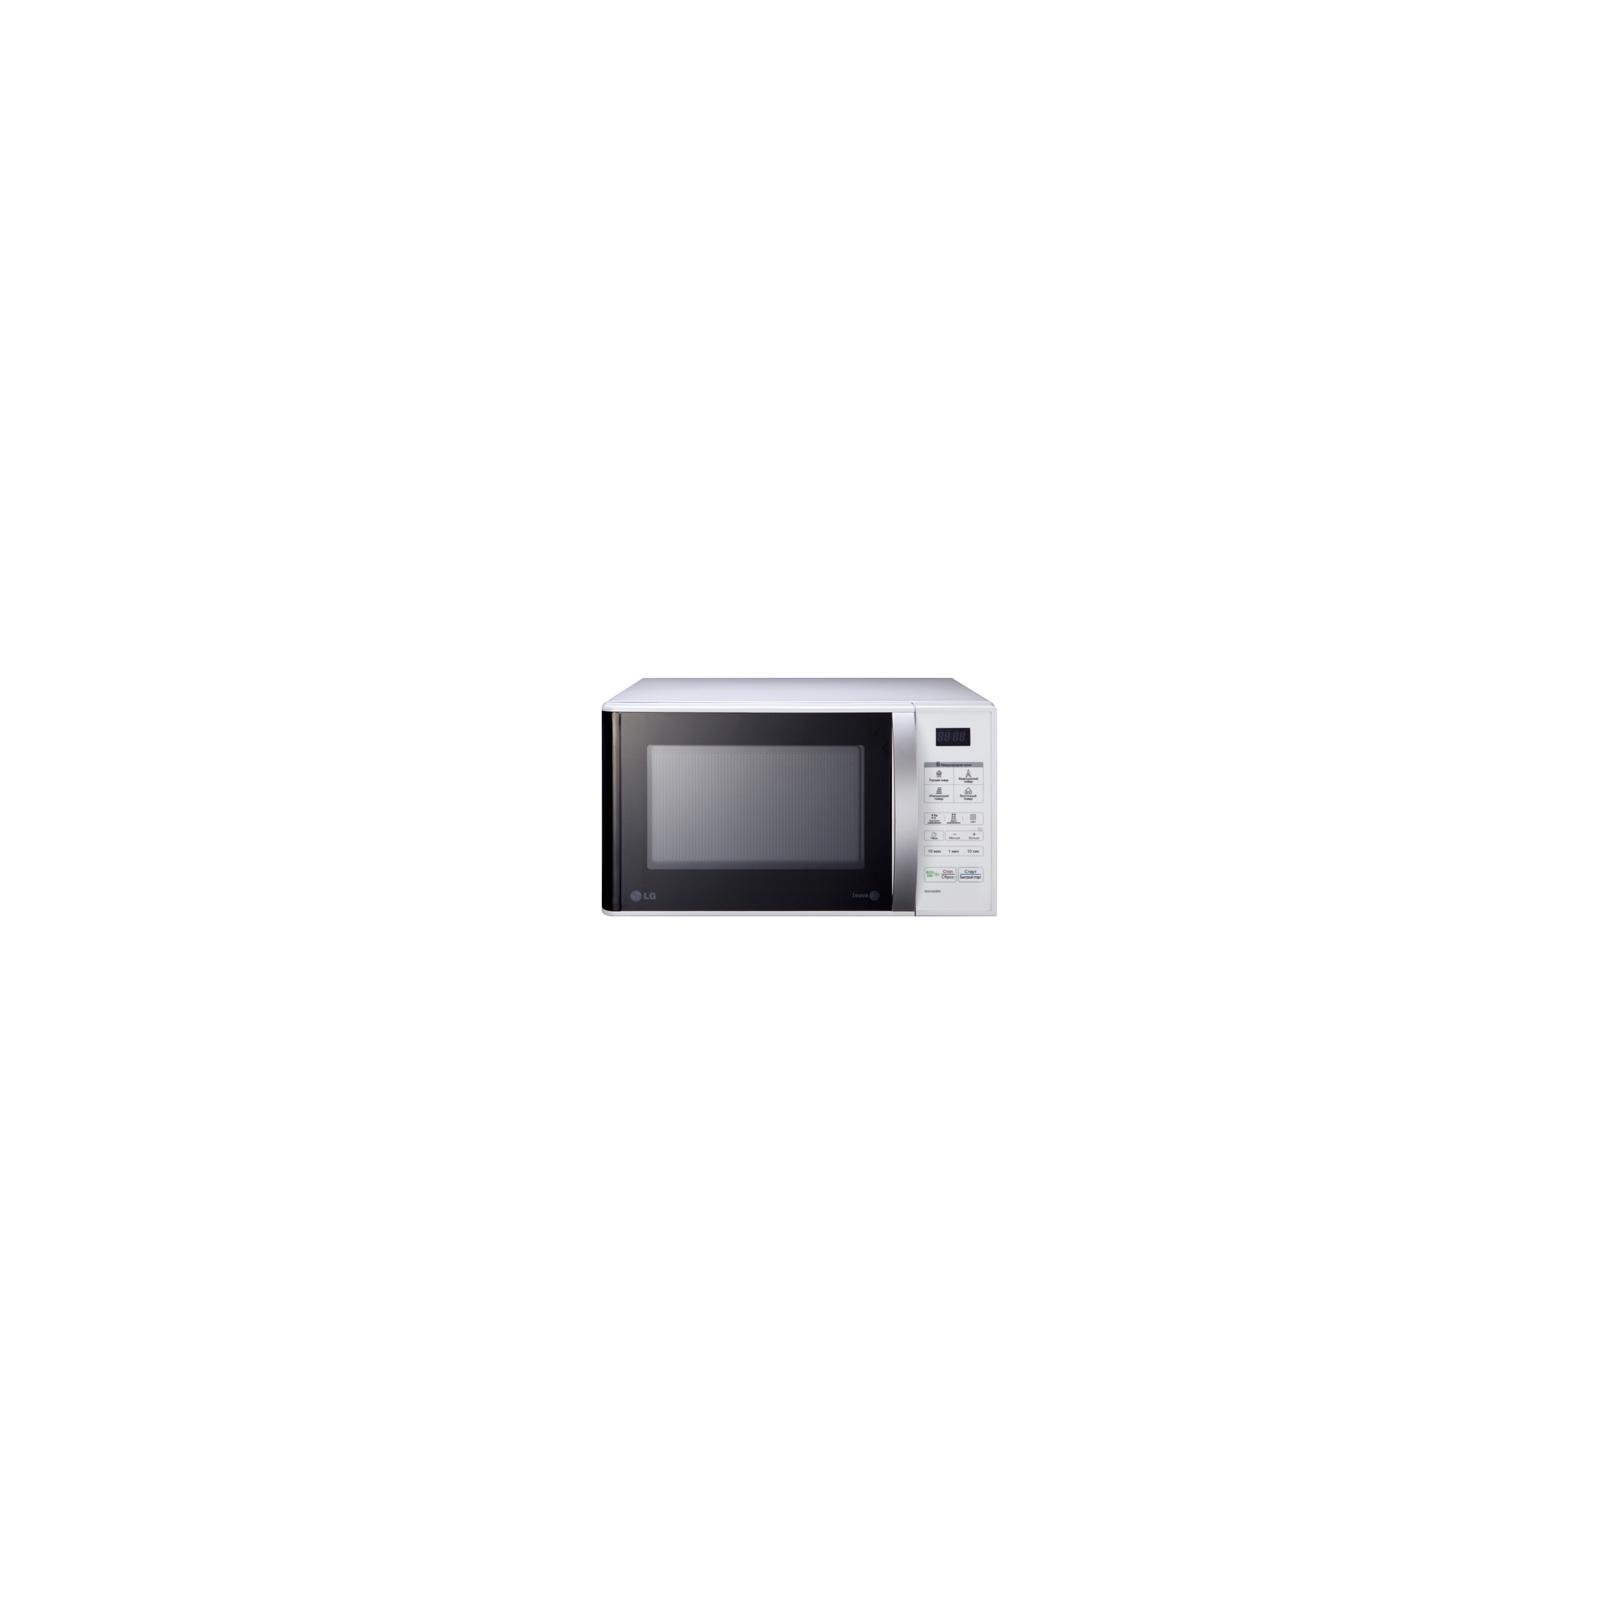 Микроволновая печь LG MS-2342BW (MS2342BW)